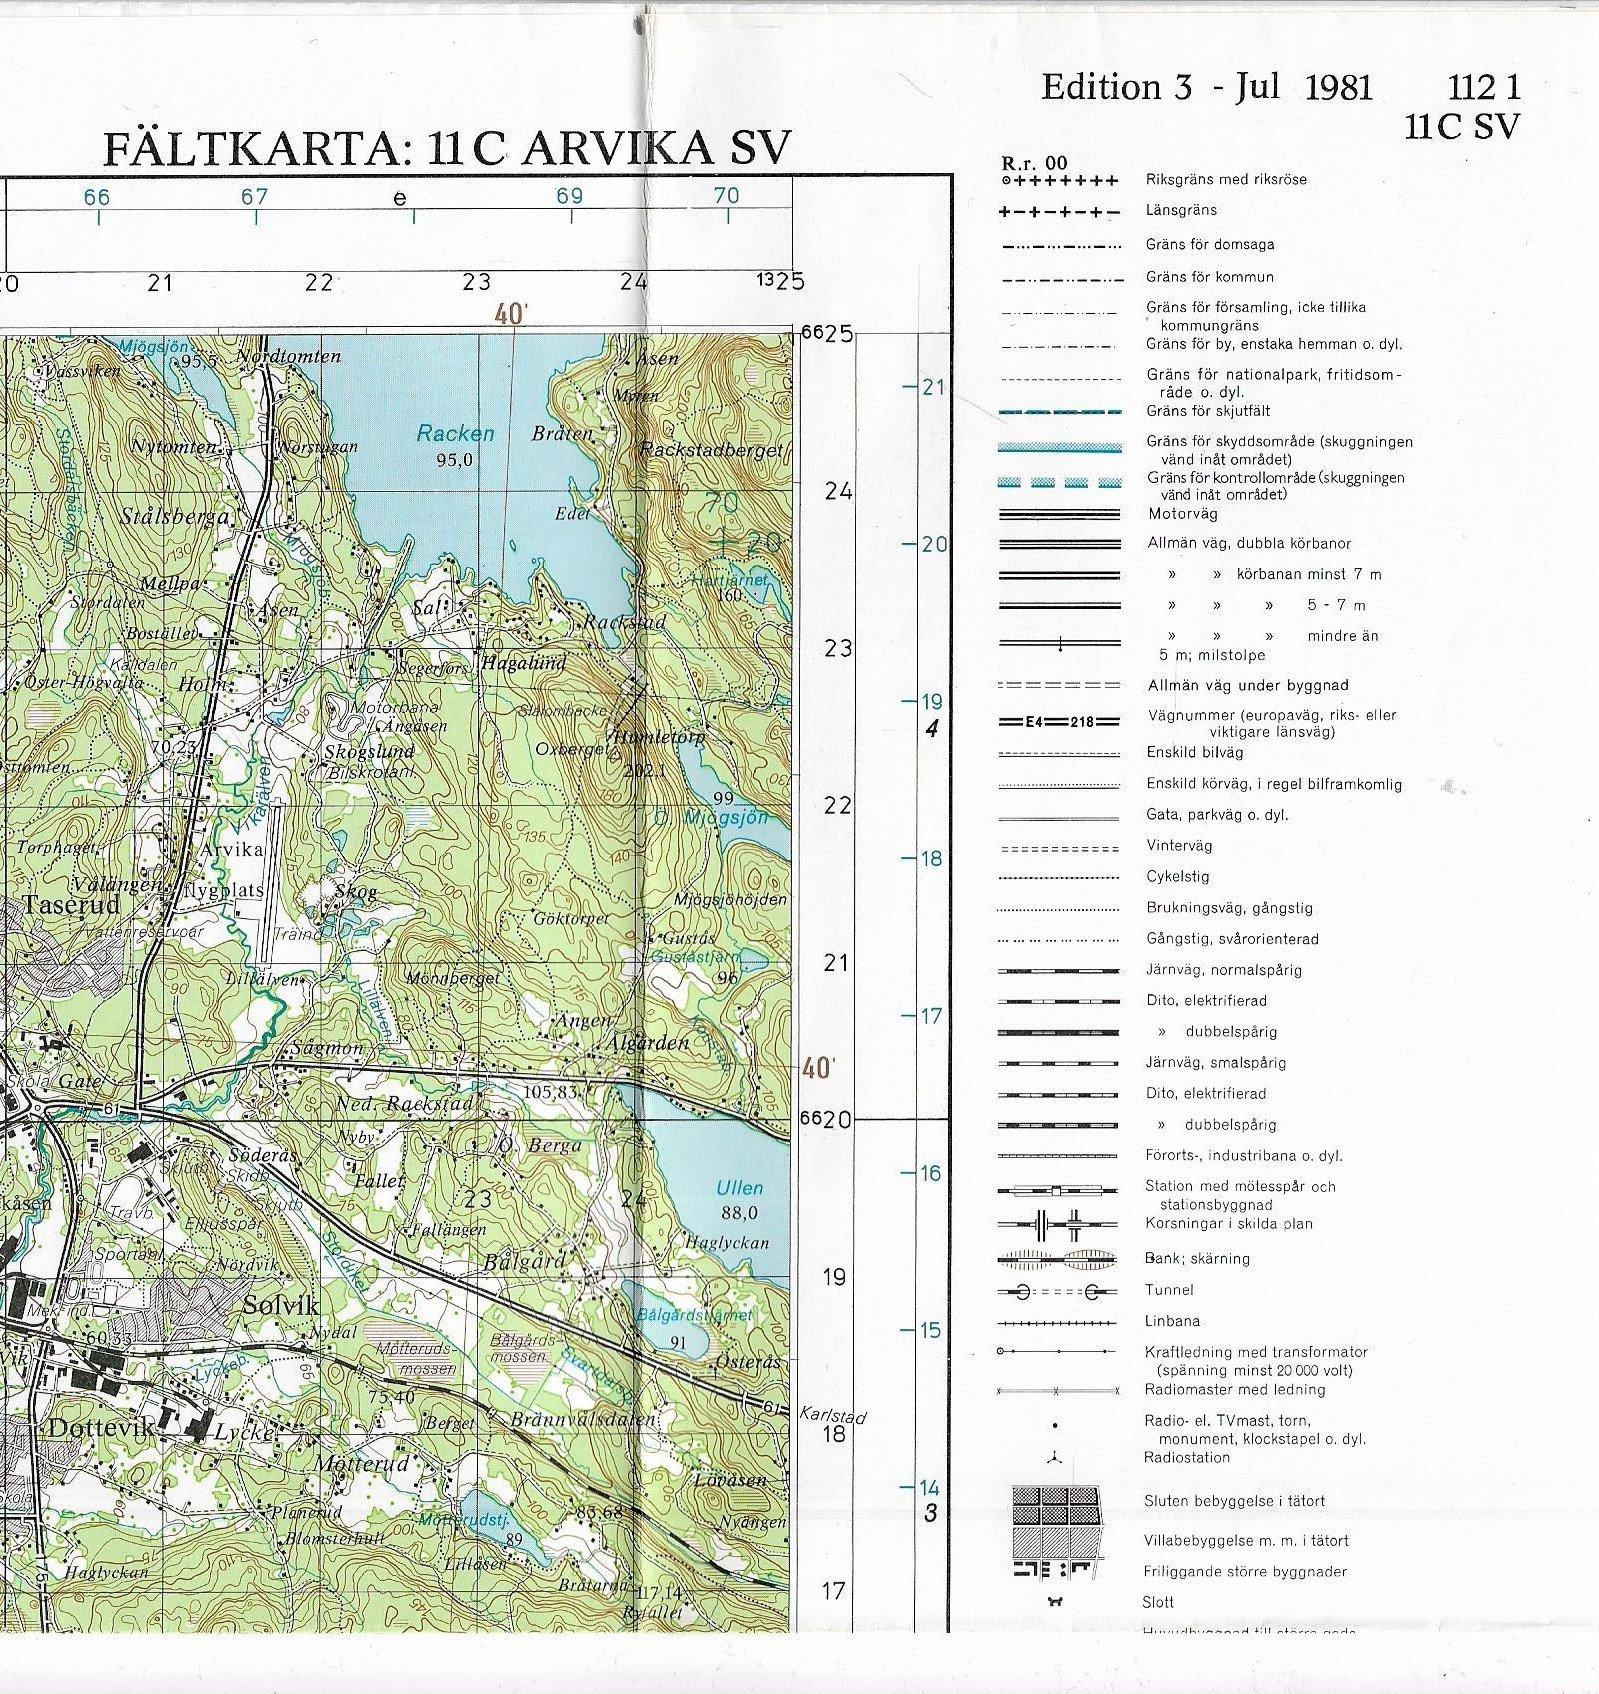 Topografisk Karta Over Sverige Faltkarta 11c 379851582 ᐈ